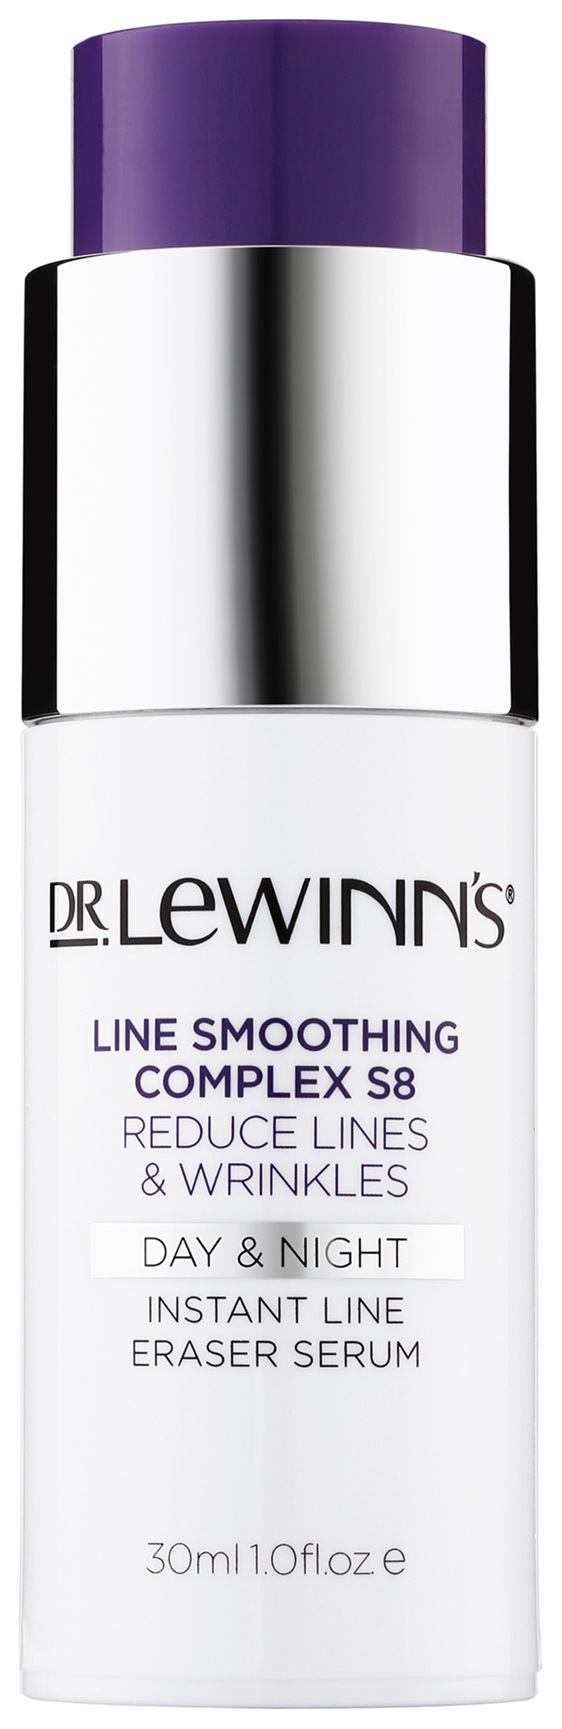 Dr. LeWinn's Line Smoothing Complex Instant Line Eraser Serum 30mL